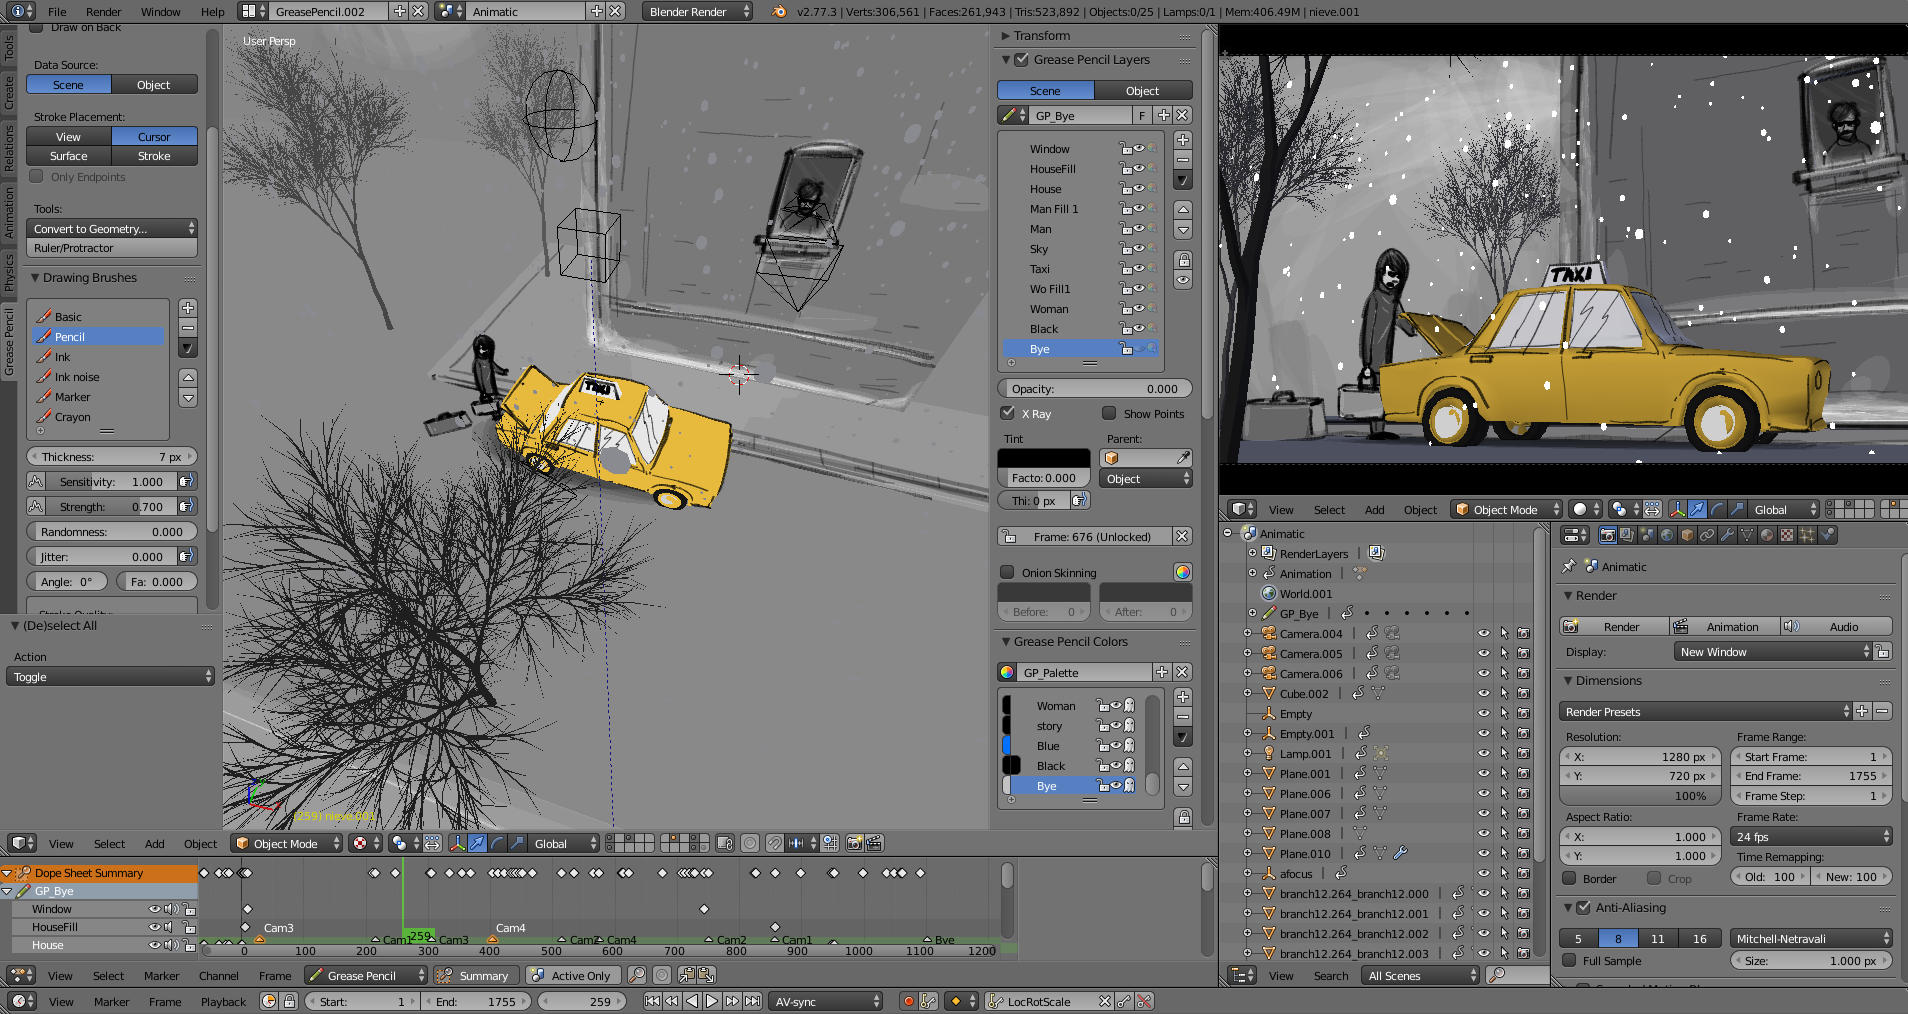 Blender for Mac 2.79b 免费版 -动画制作软件